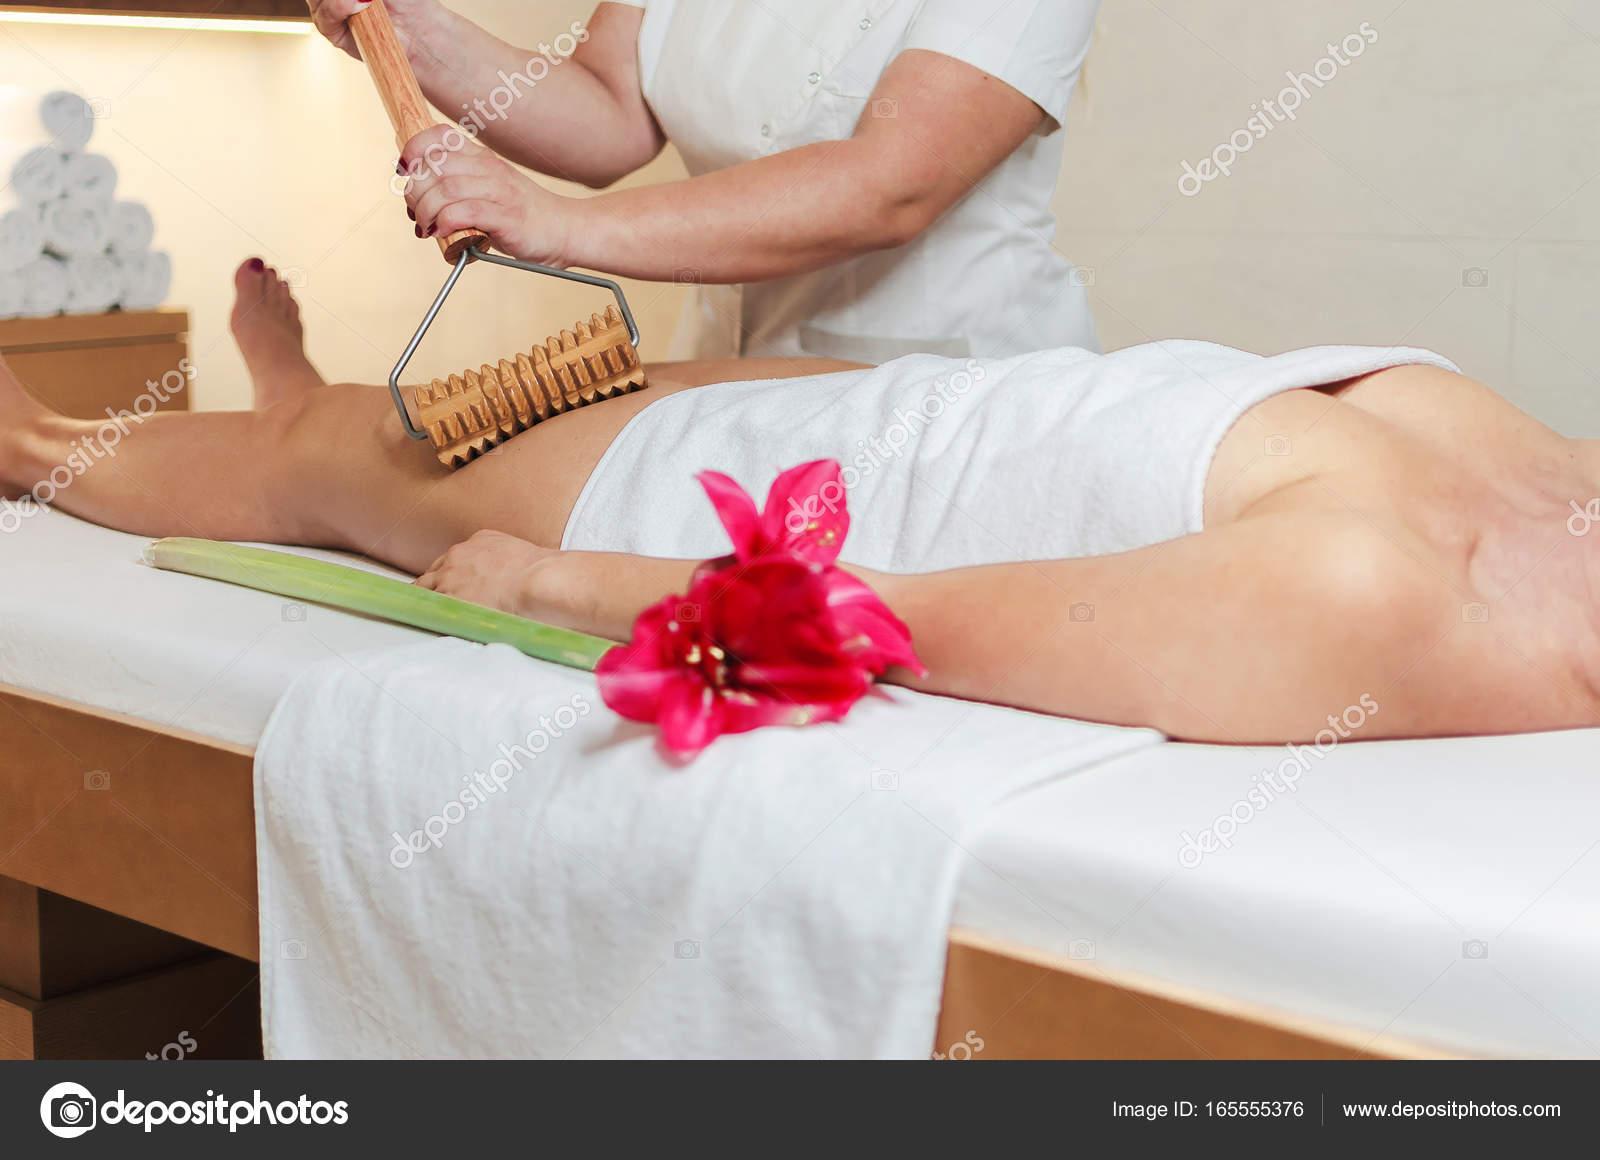 Сексуальная женщина массаж массаж спины перешел в секс